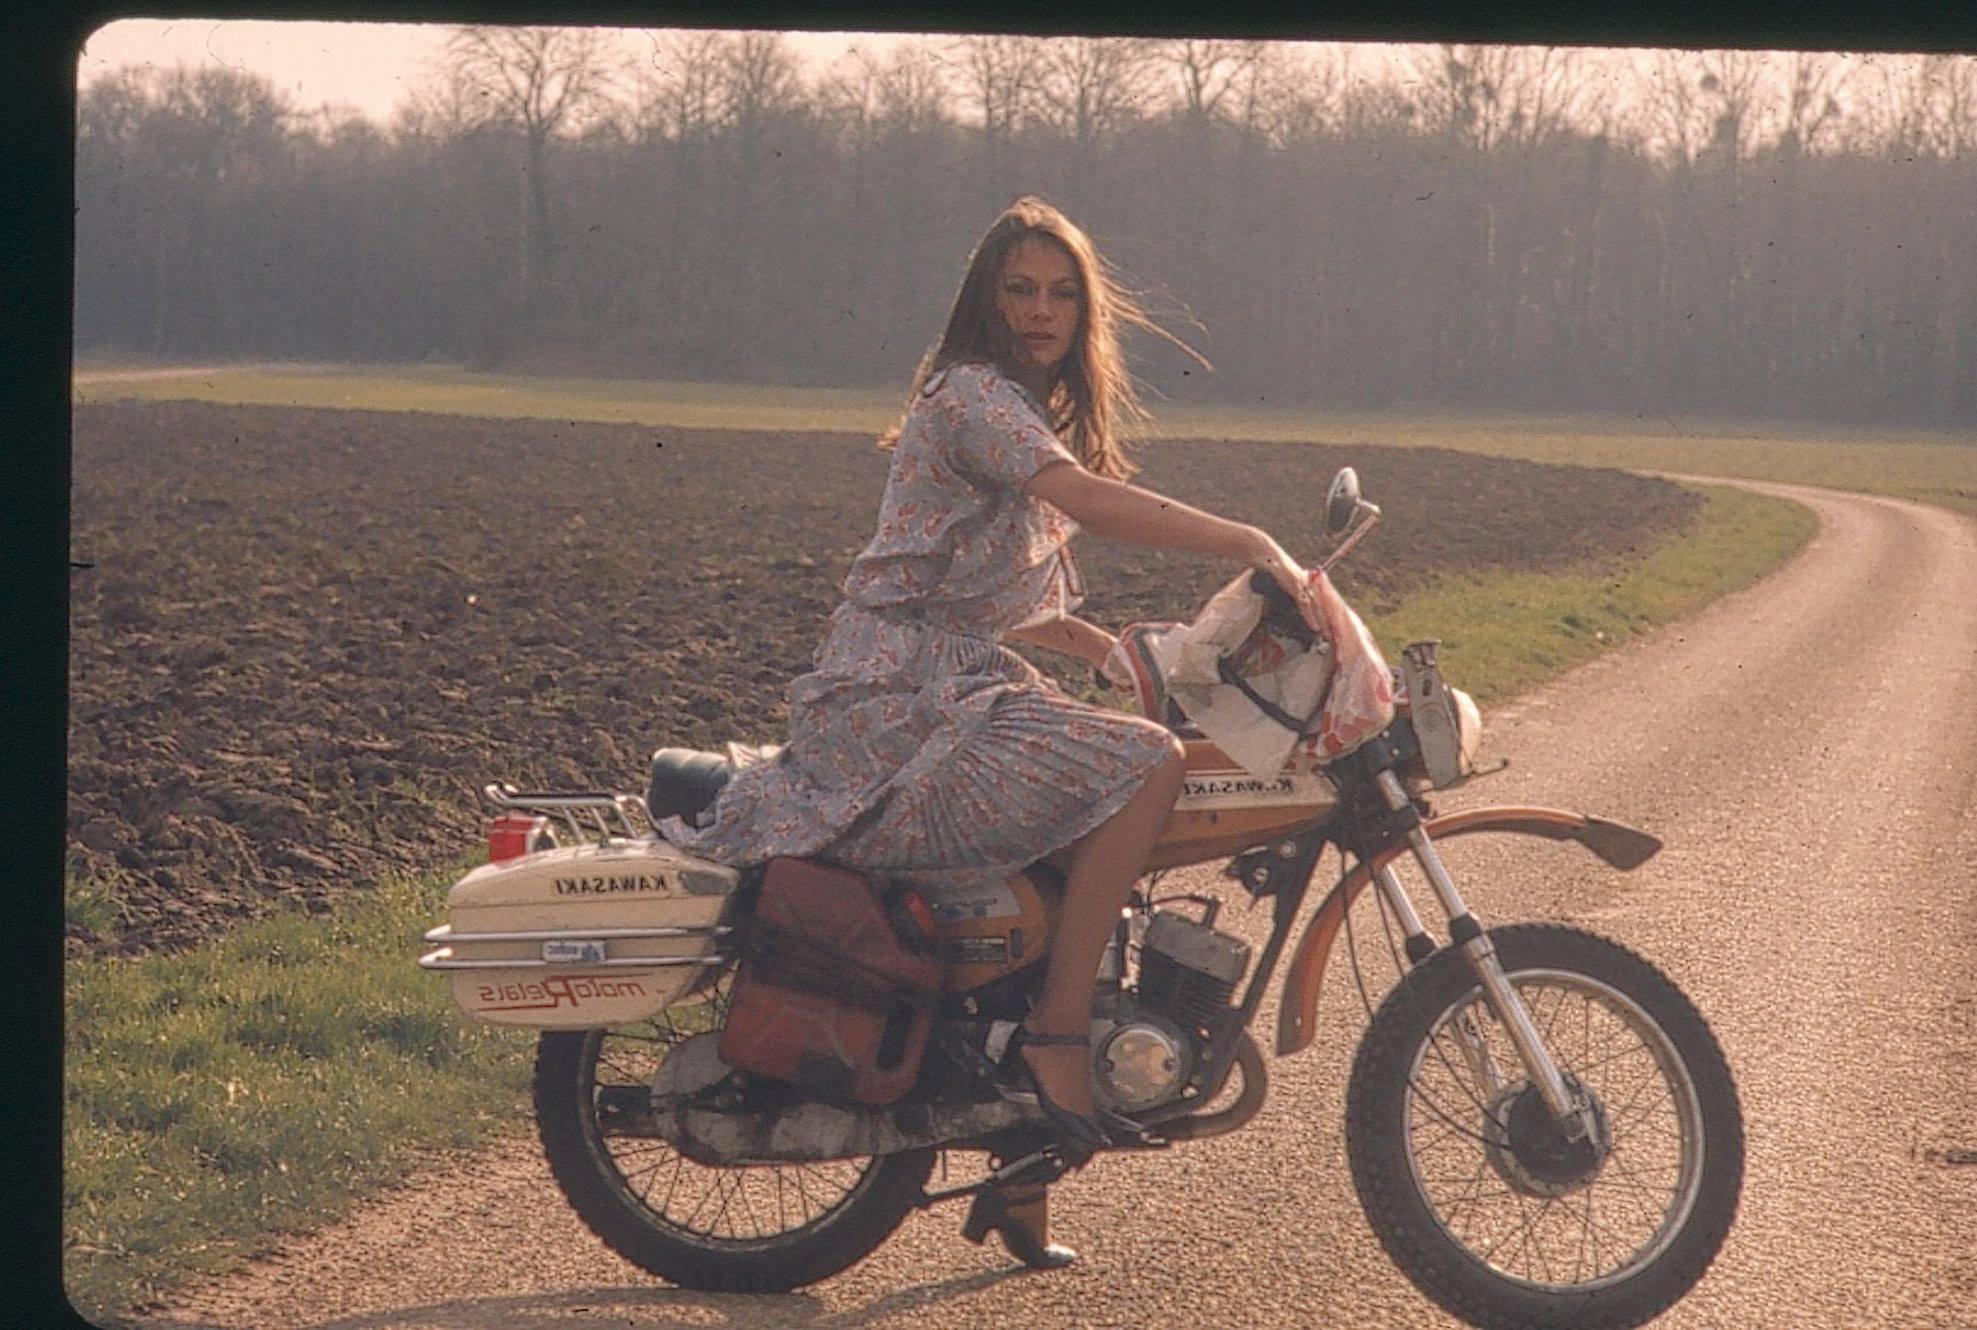 Povestea primei femei care a călătorit solo în jurul lumii, pe motocicletă